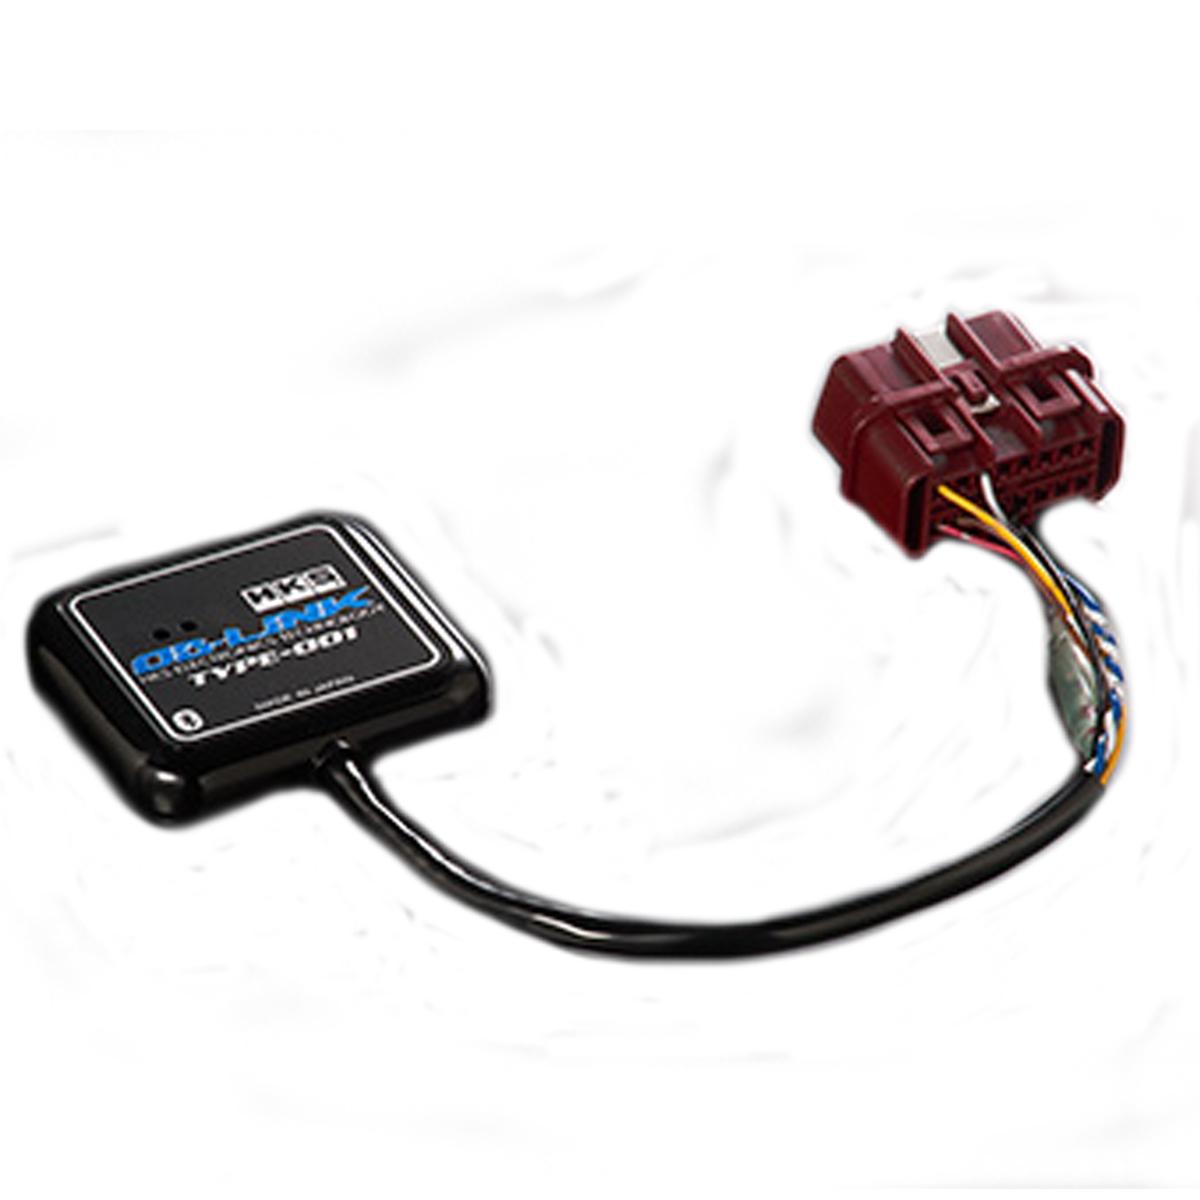 レガシィアウトバック レガシー モニター OBリンク タイプ 001 BPE HKS 44009-AK002 エレクトリニクス